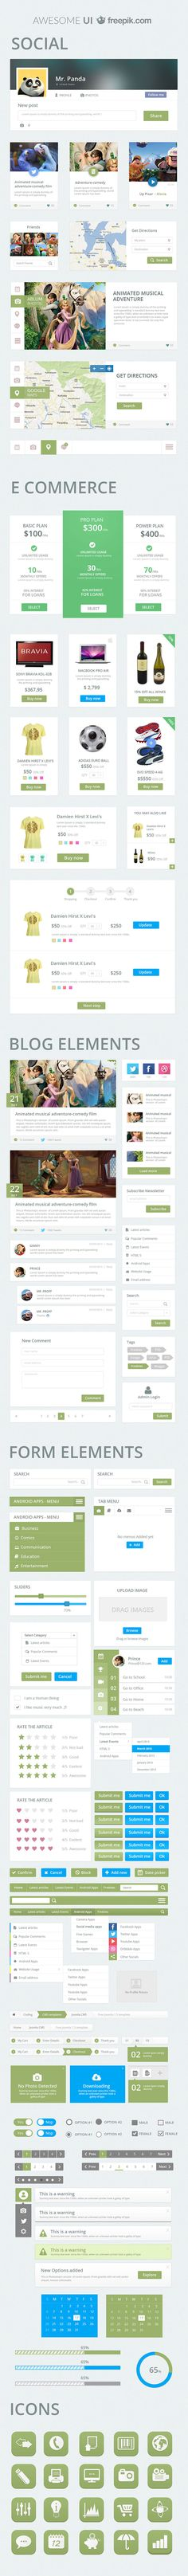 10 kostenlose Flat UI Kits für Webdesigner